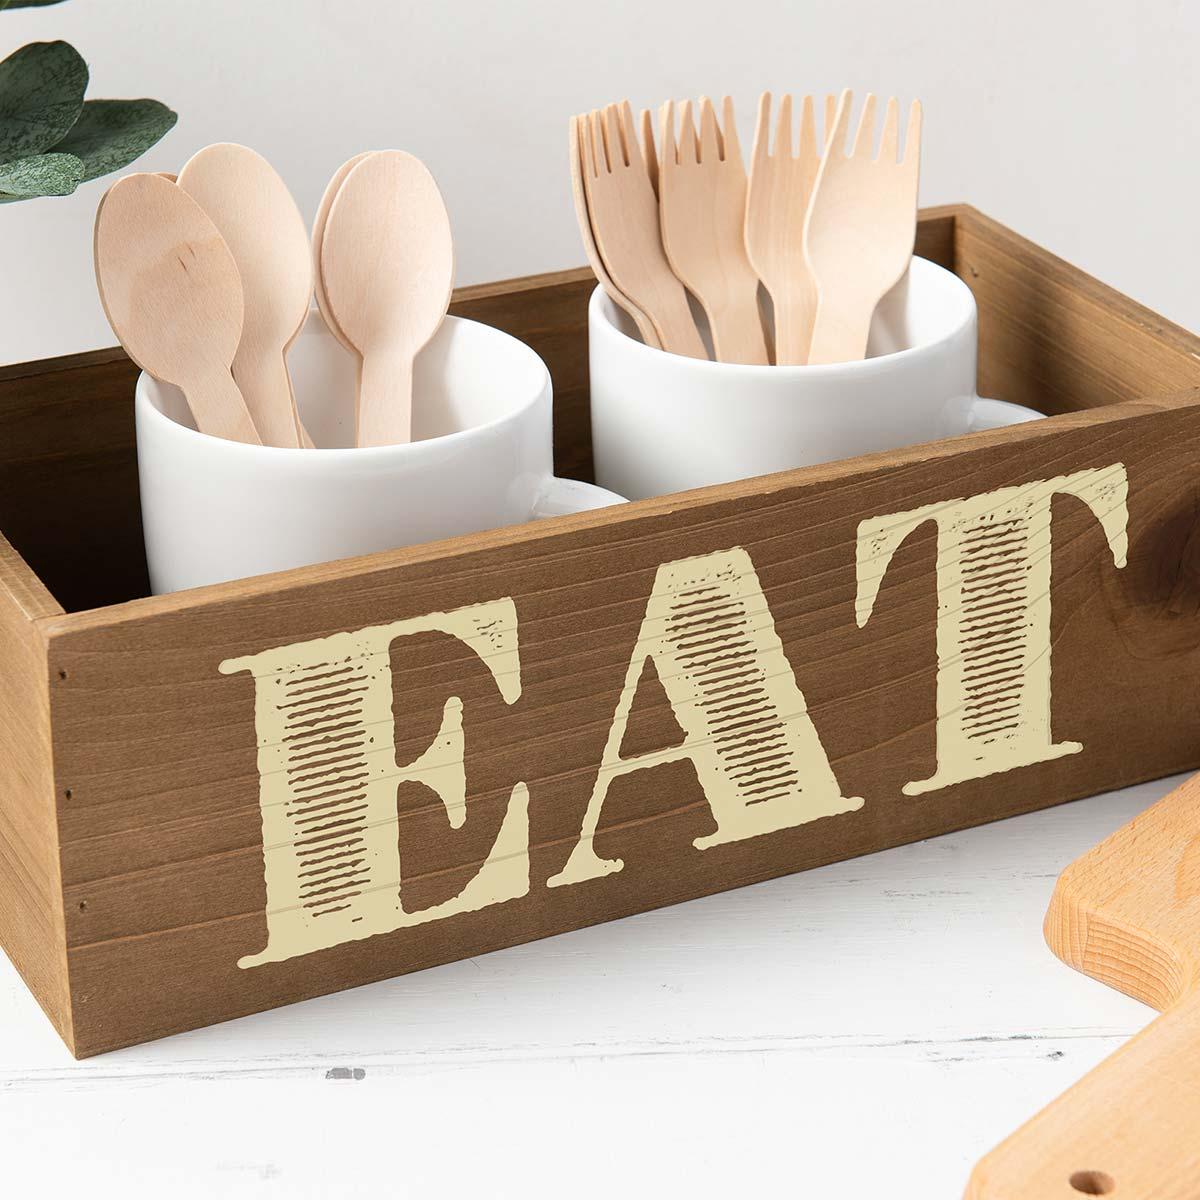 FolkArt ® Sign Shop™ Mesh Stencil - Come Eat, 2 pc. - 63372